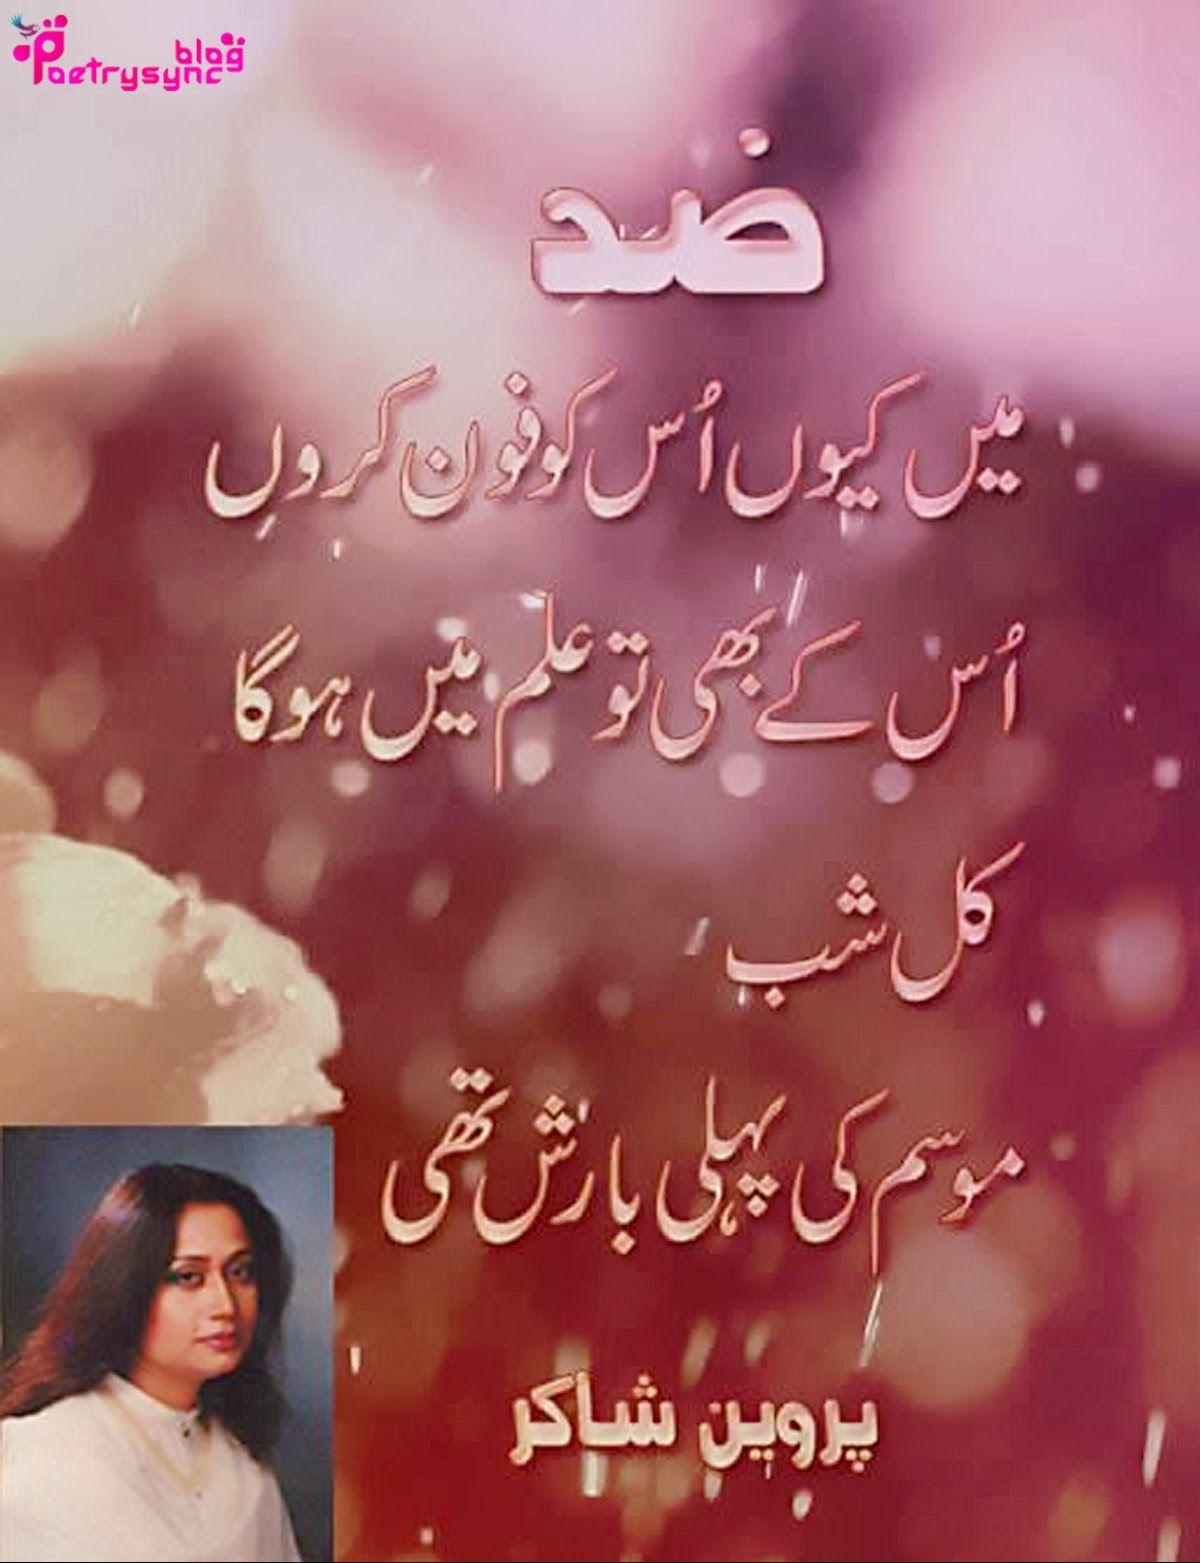 Baarish Urdu Shayari Main Kiun Usko Phone Karon Usky Bhi To Ilm Mein Hoga Kal Shab Mousam Ki Pahli Barish Thi Jpg 1200 156 Barish Poetry Poetry Facebook Image